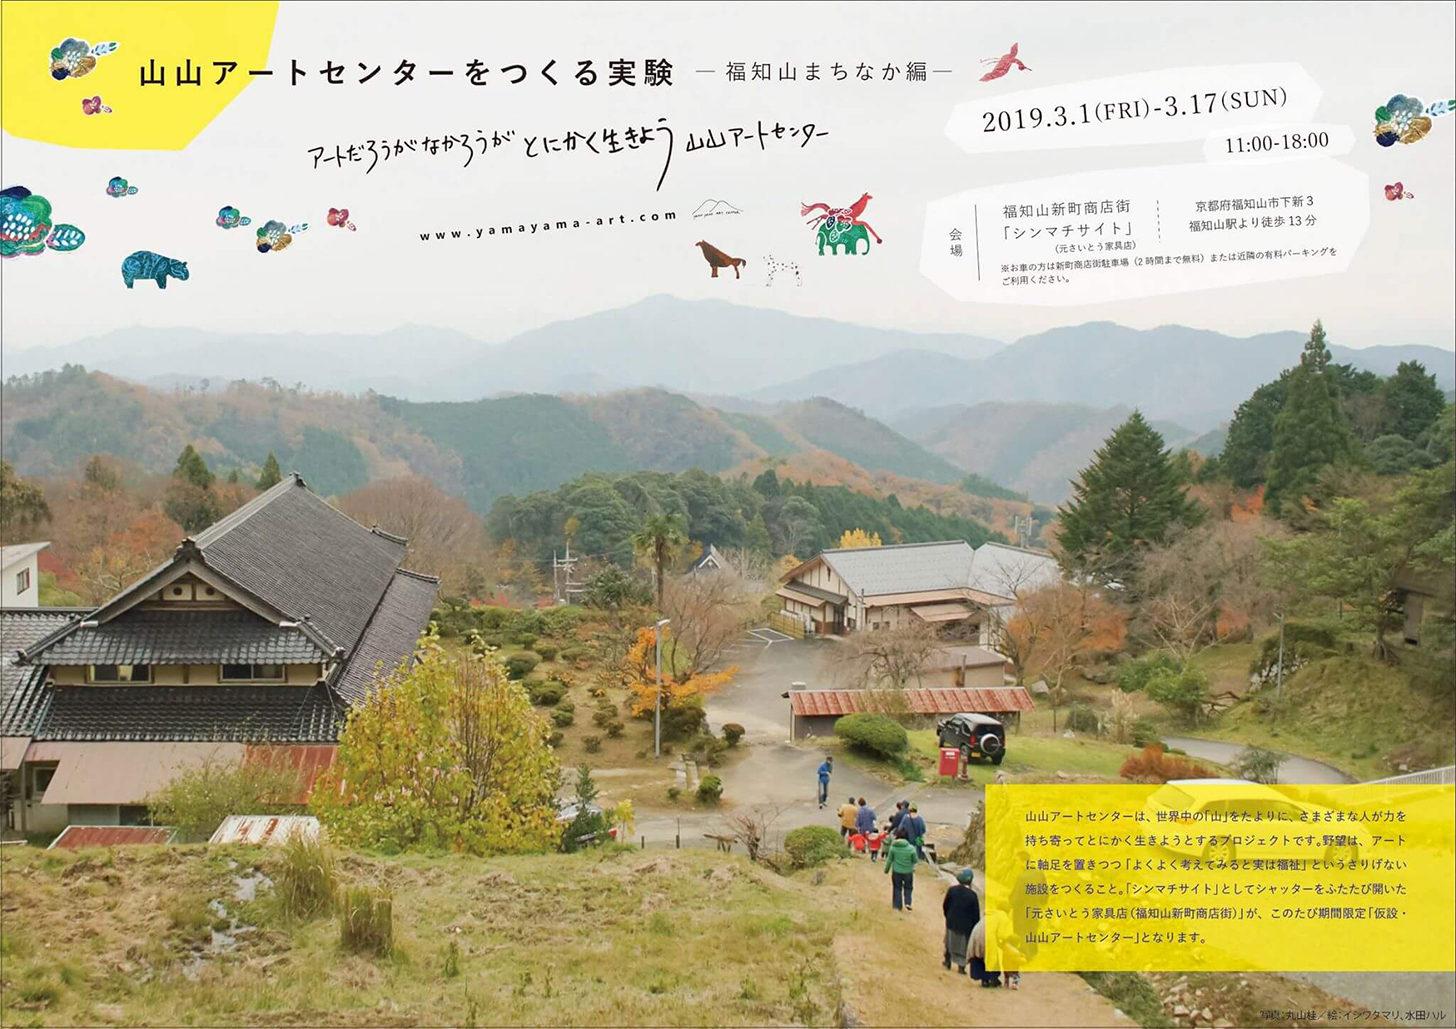 山山アートセンターをつくる実験ー福知山まちなか編ー